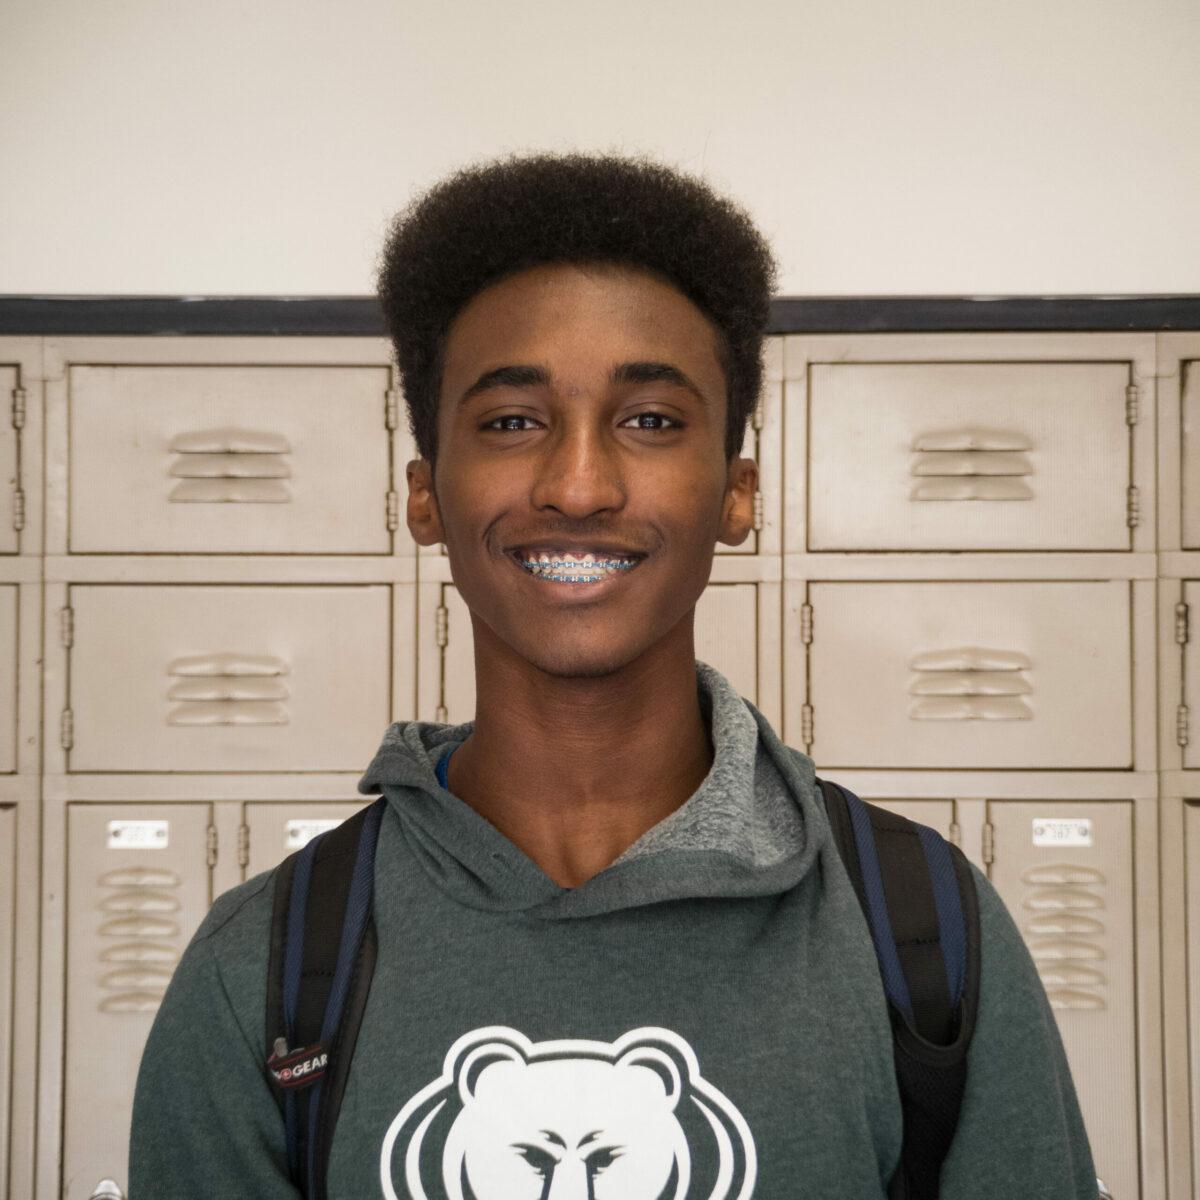 Chris Mesfin, sophomore